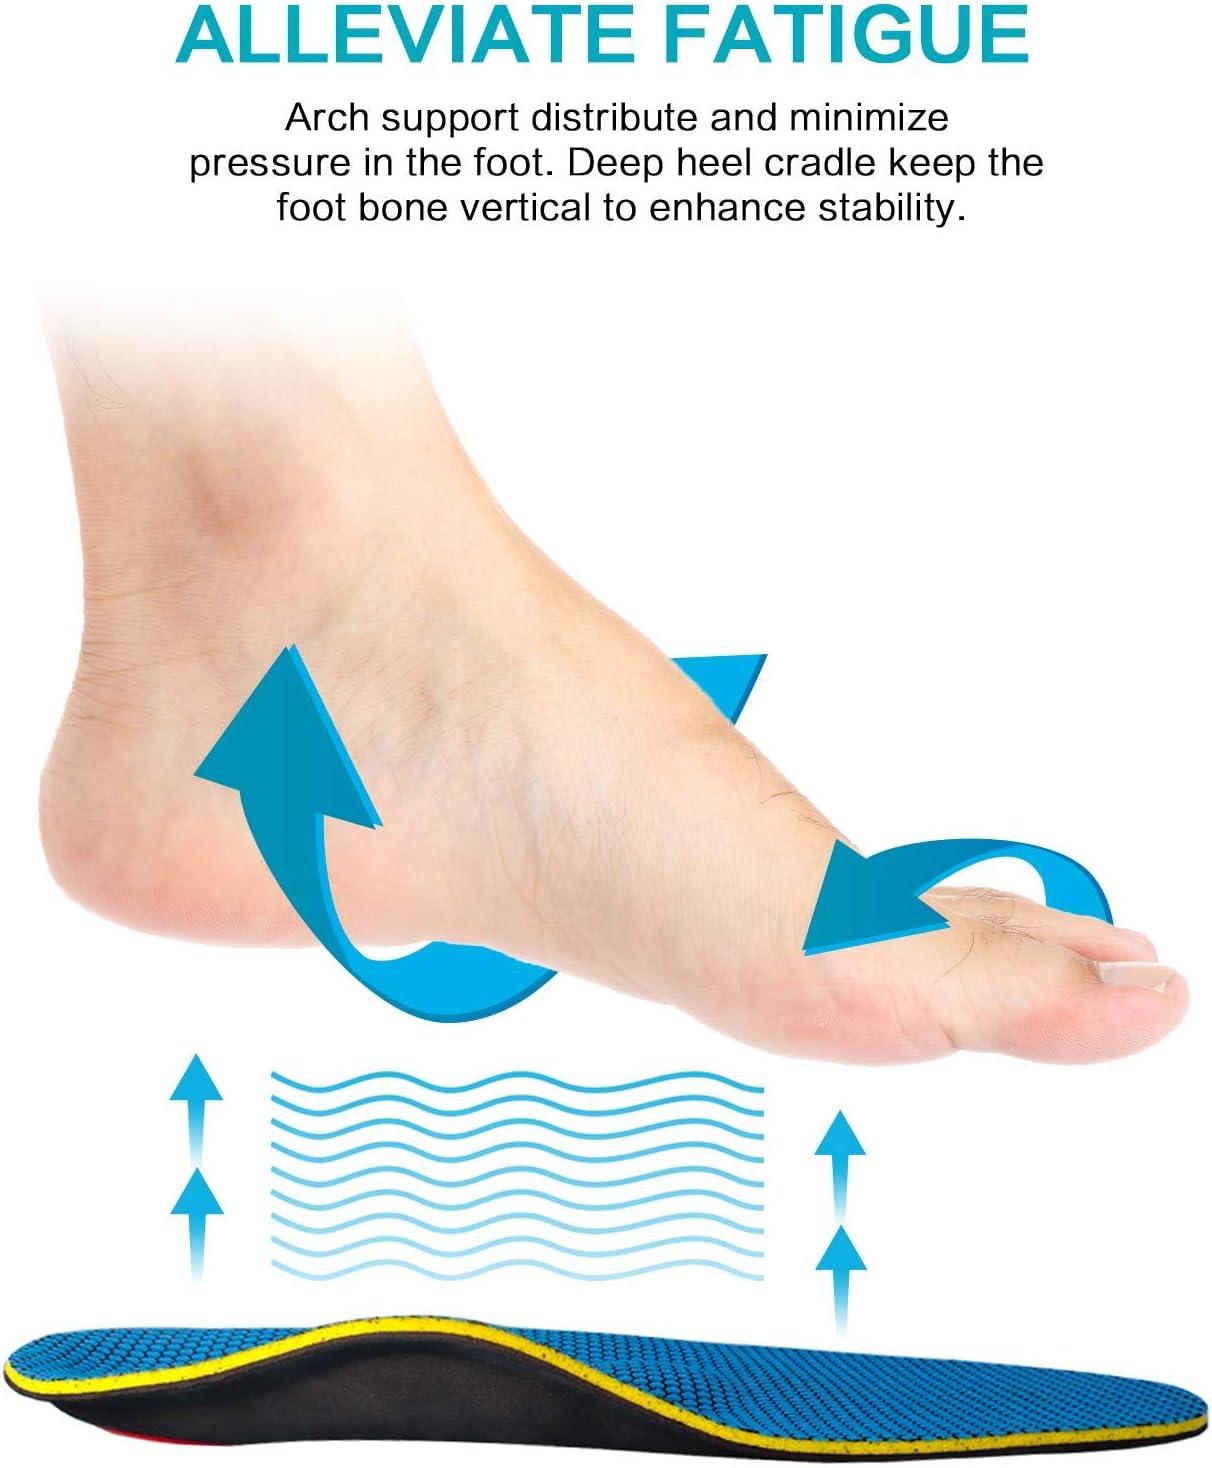 /épine calcan/éenne pied plat fasciite plantaire les douleurs du genou MOISO Semelles orthop/édiques soutient de la voute plantaire pour les douleurs au niveau du talon